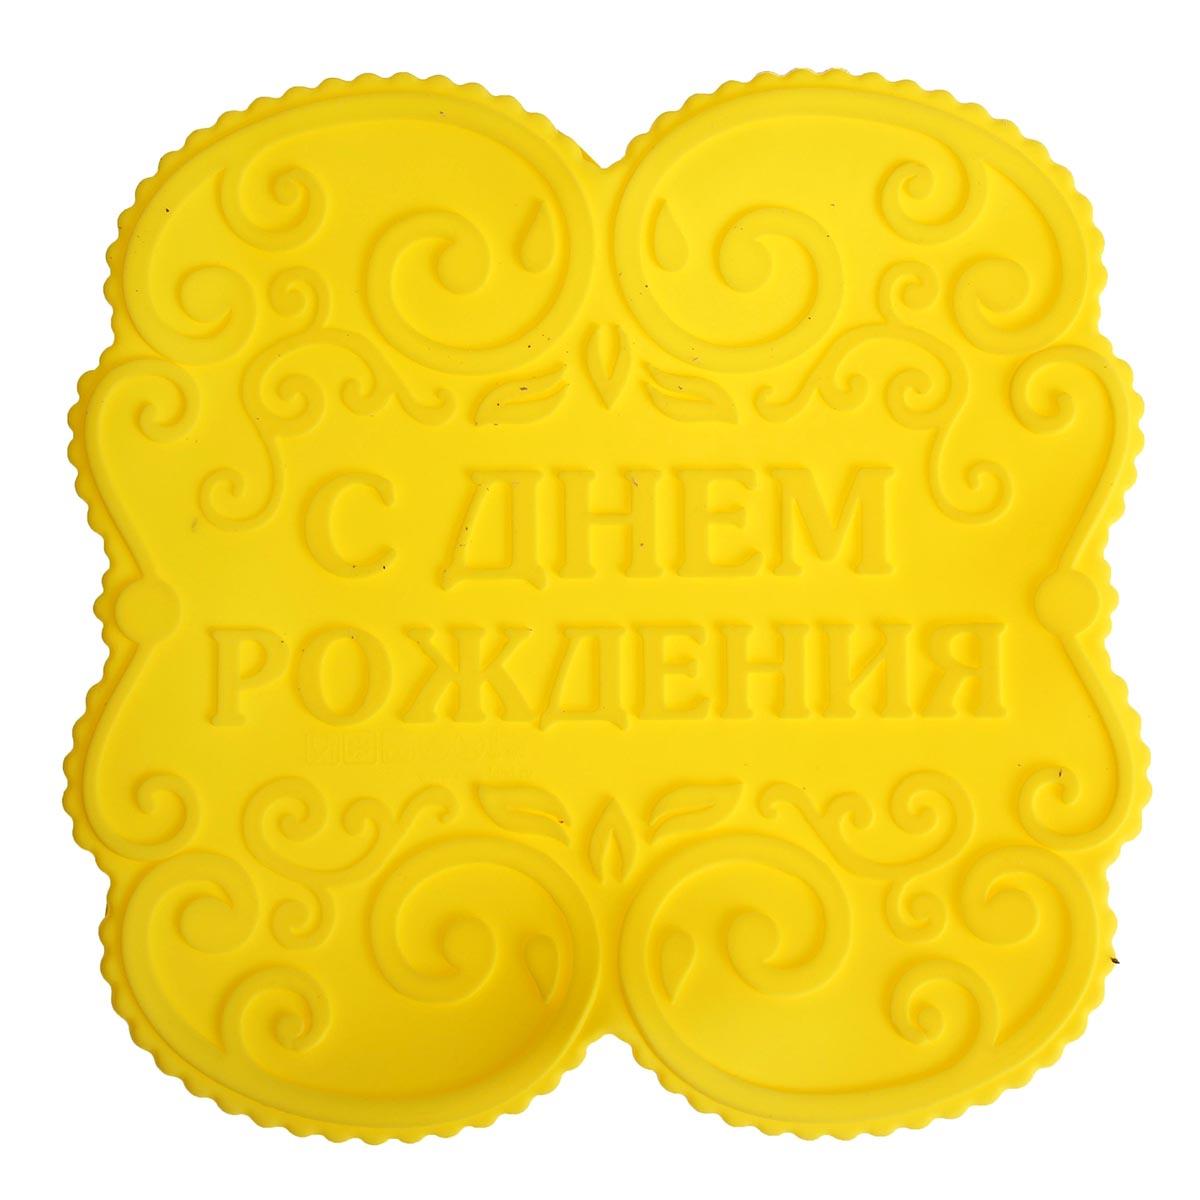 Форма для выпечки С Днем рождения, силиконовая, цвет: желтый, 25 х 25 см1032215_желтыйОт качества посуды зависит не только вкус еды, но и здоровье человека. Форма для выпечки — товар, соответствующий российским стандартам качества. Любой хозяйке будет приятно держать его в руках.